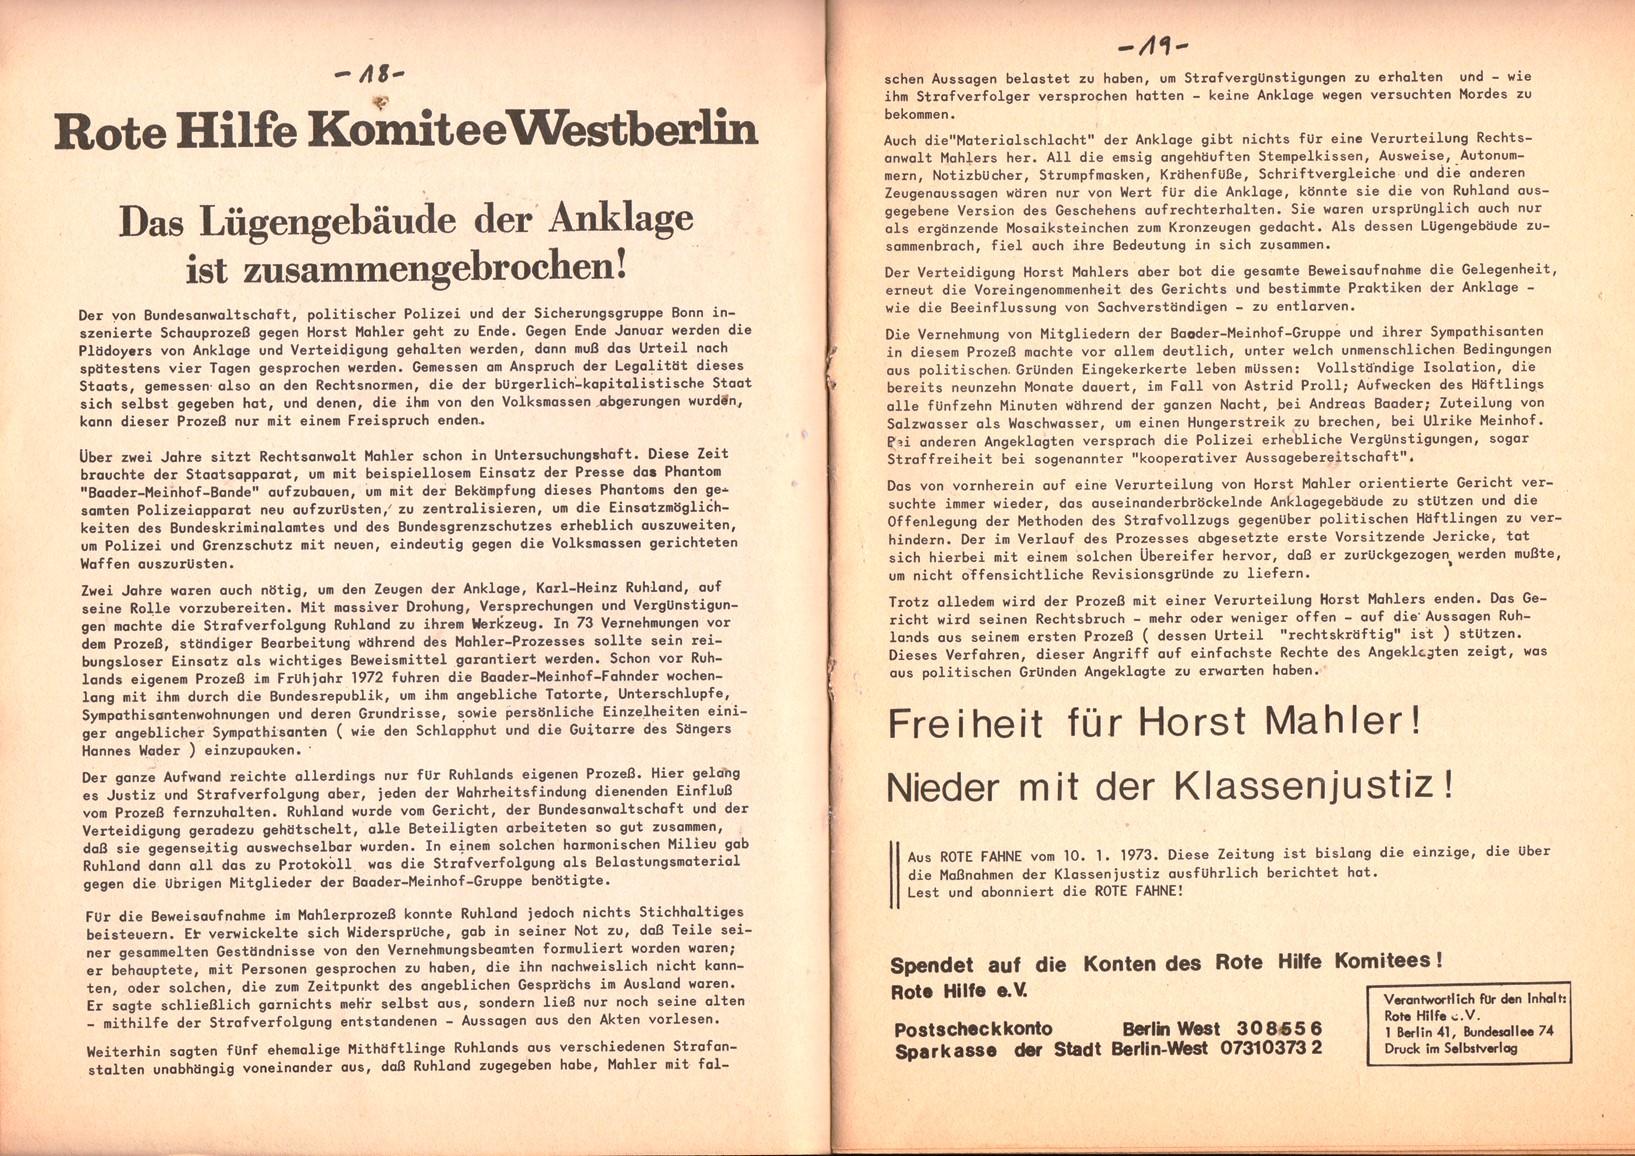 Berlin_RH_1973_zu_Horst_Mahler_11